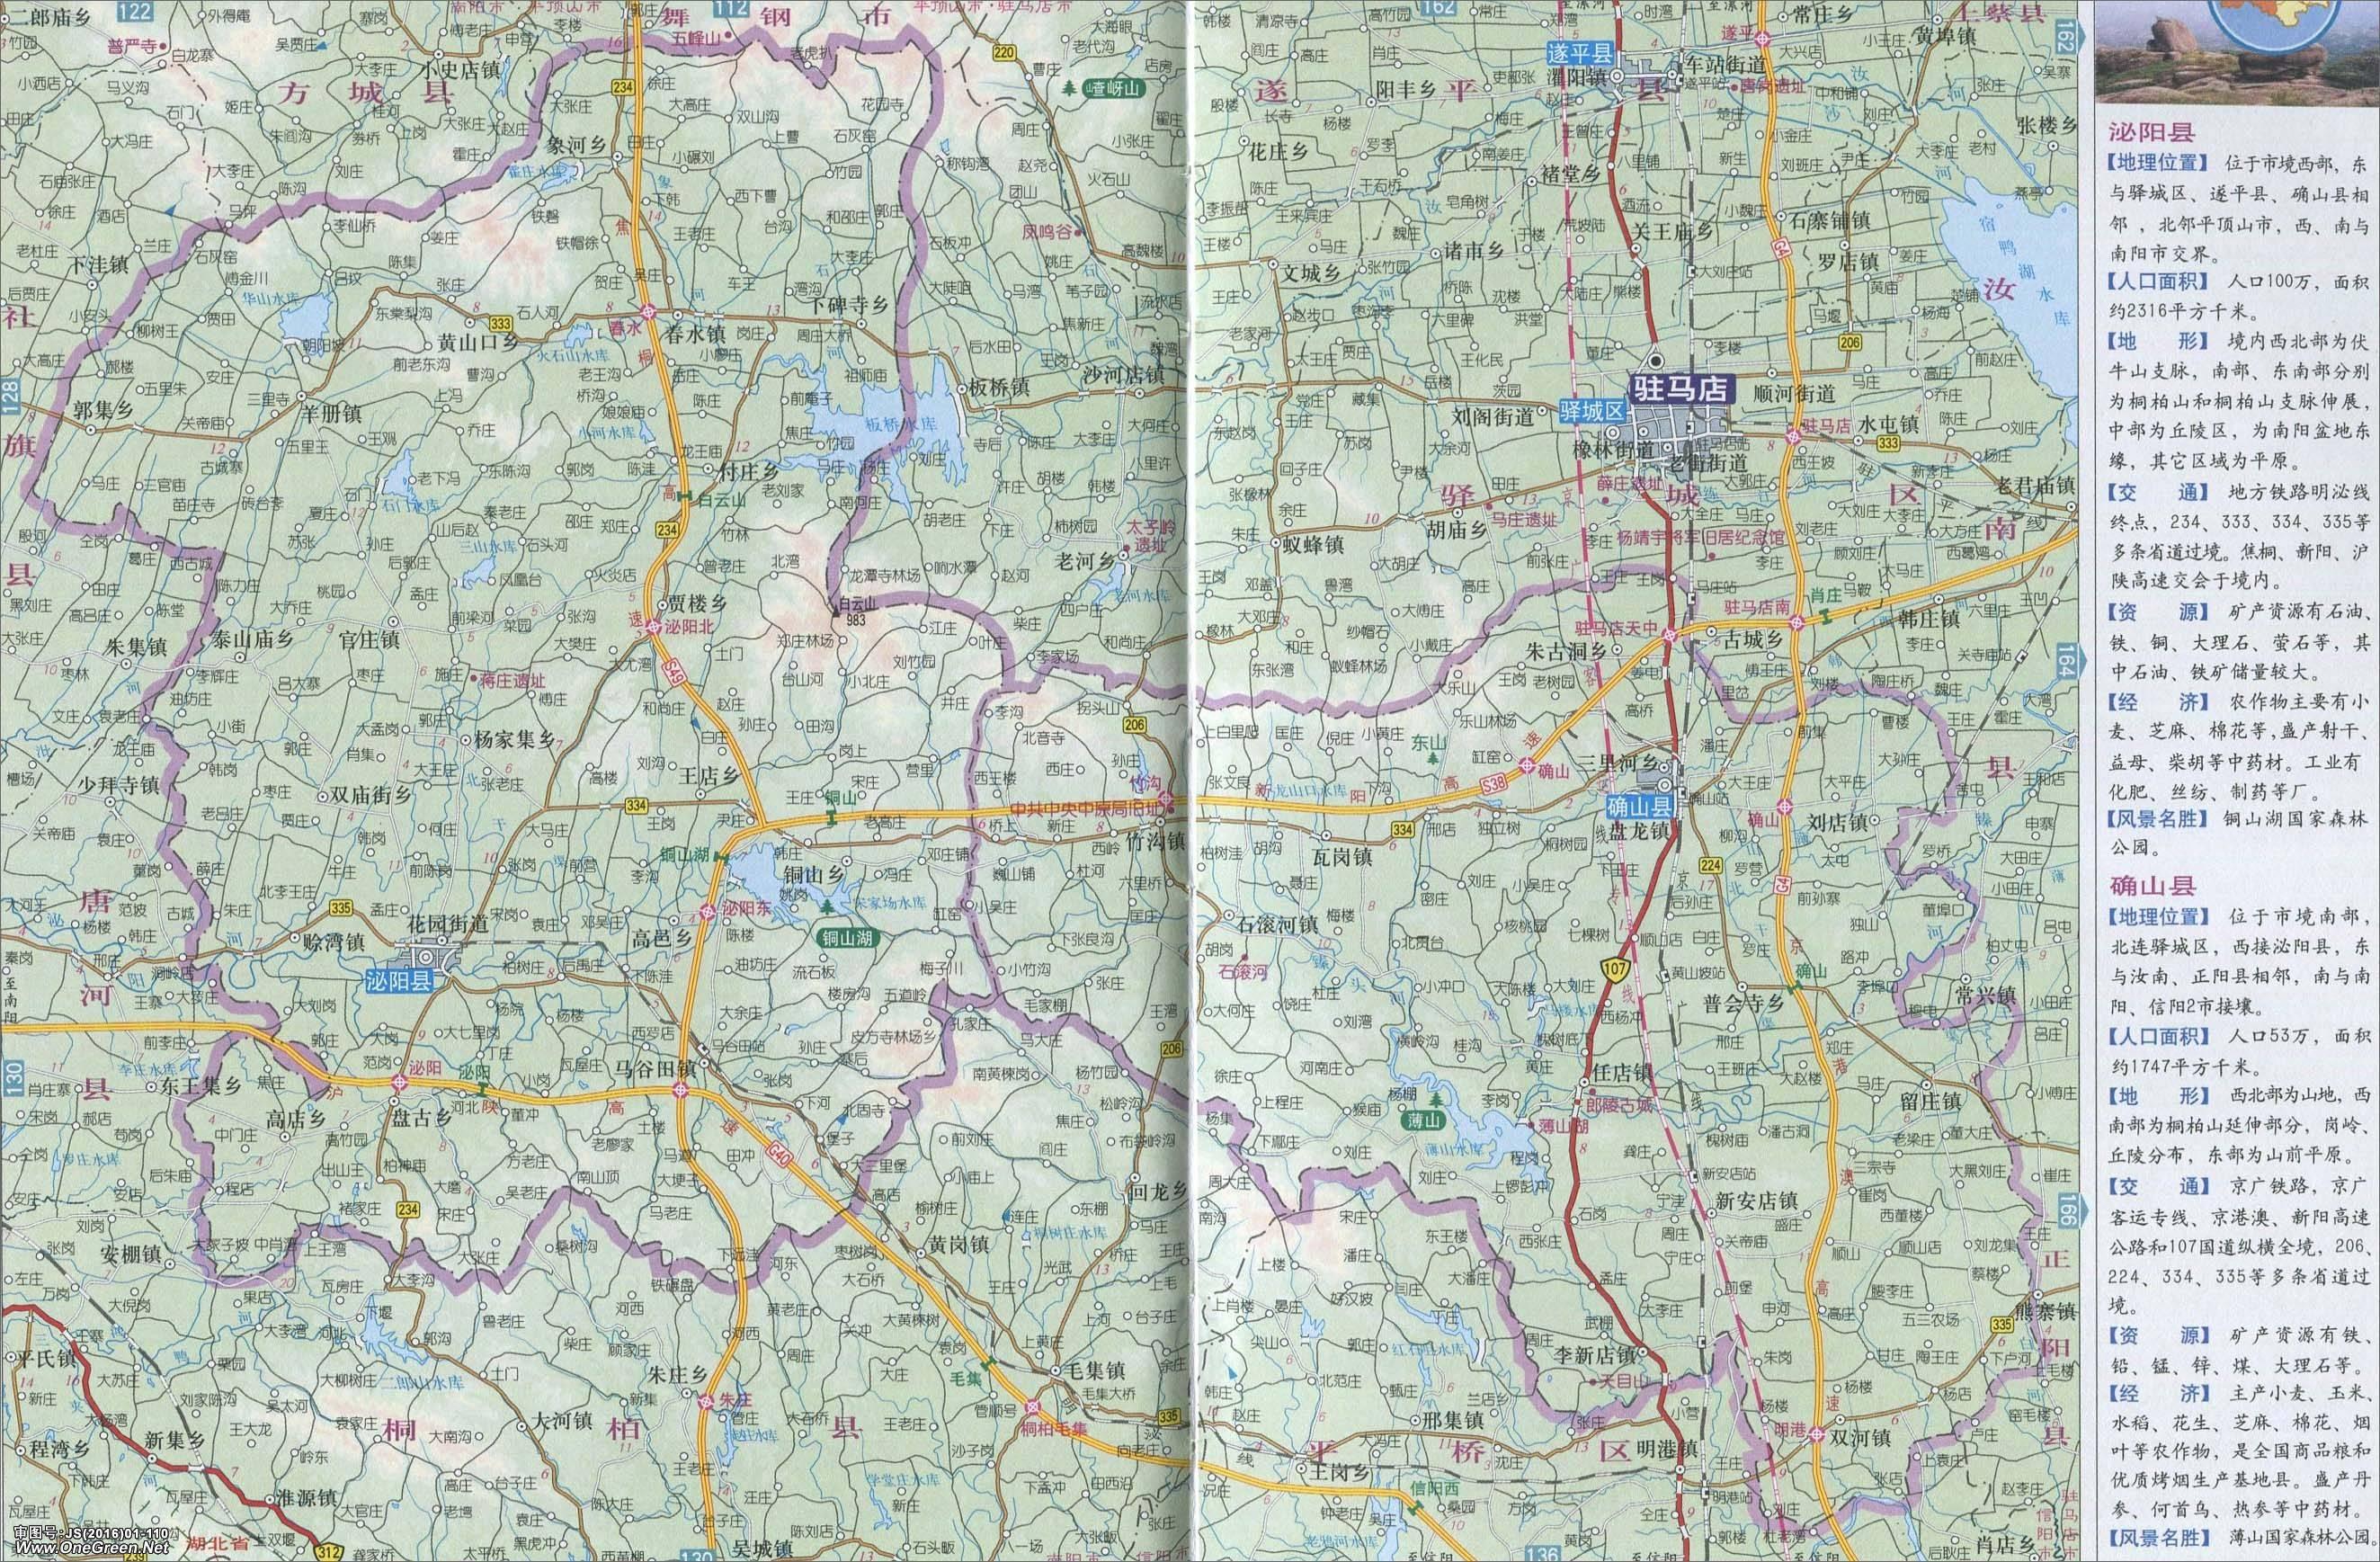 鹤壁d地图高清版